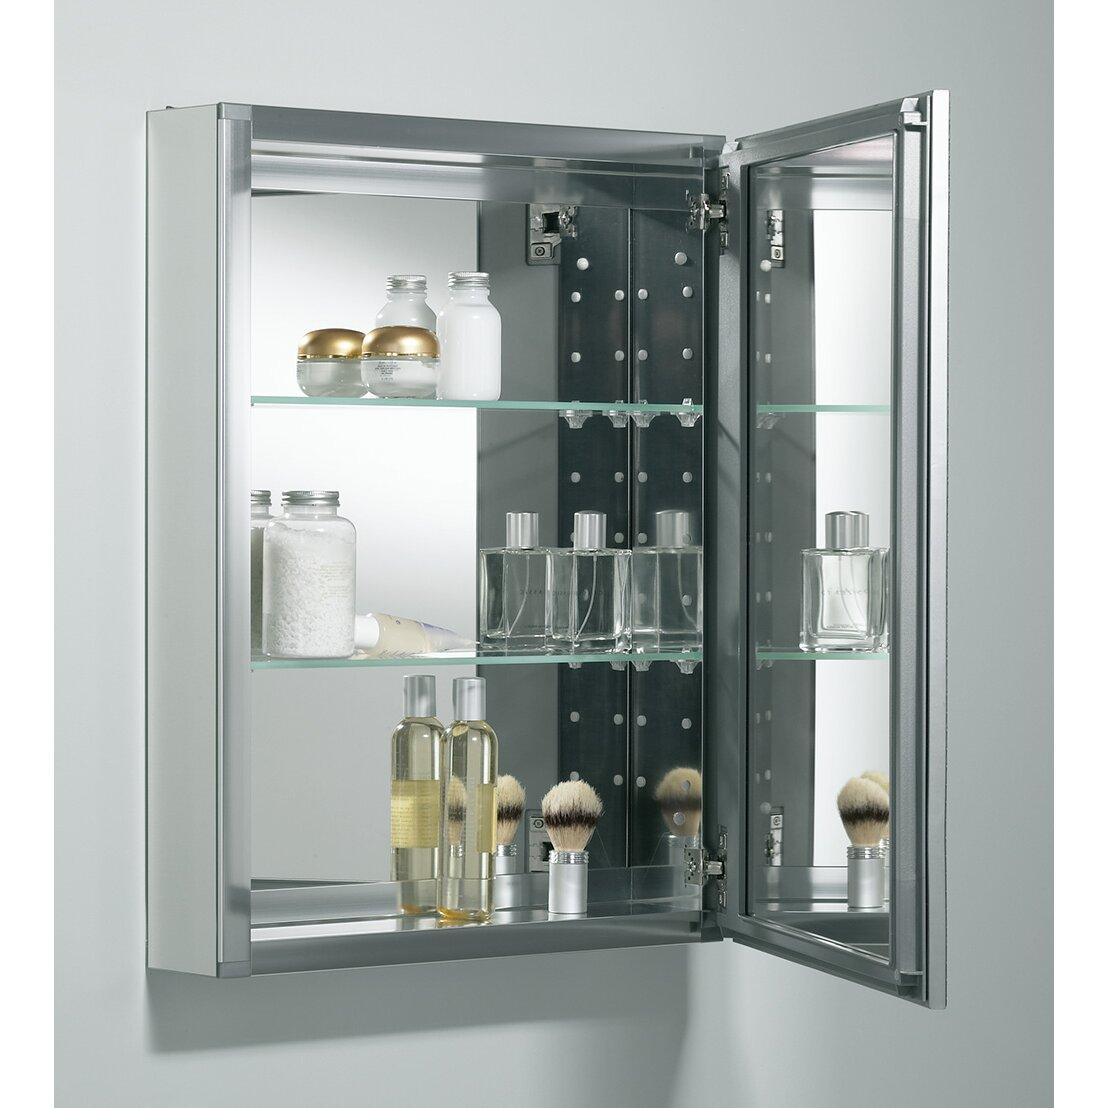 Kohler 20 X 26 Aluminum Mirrored Medicine Cabinet